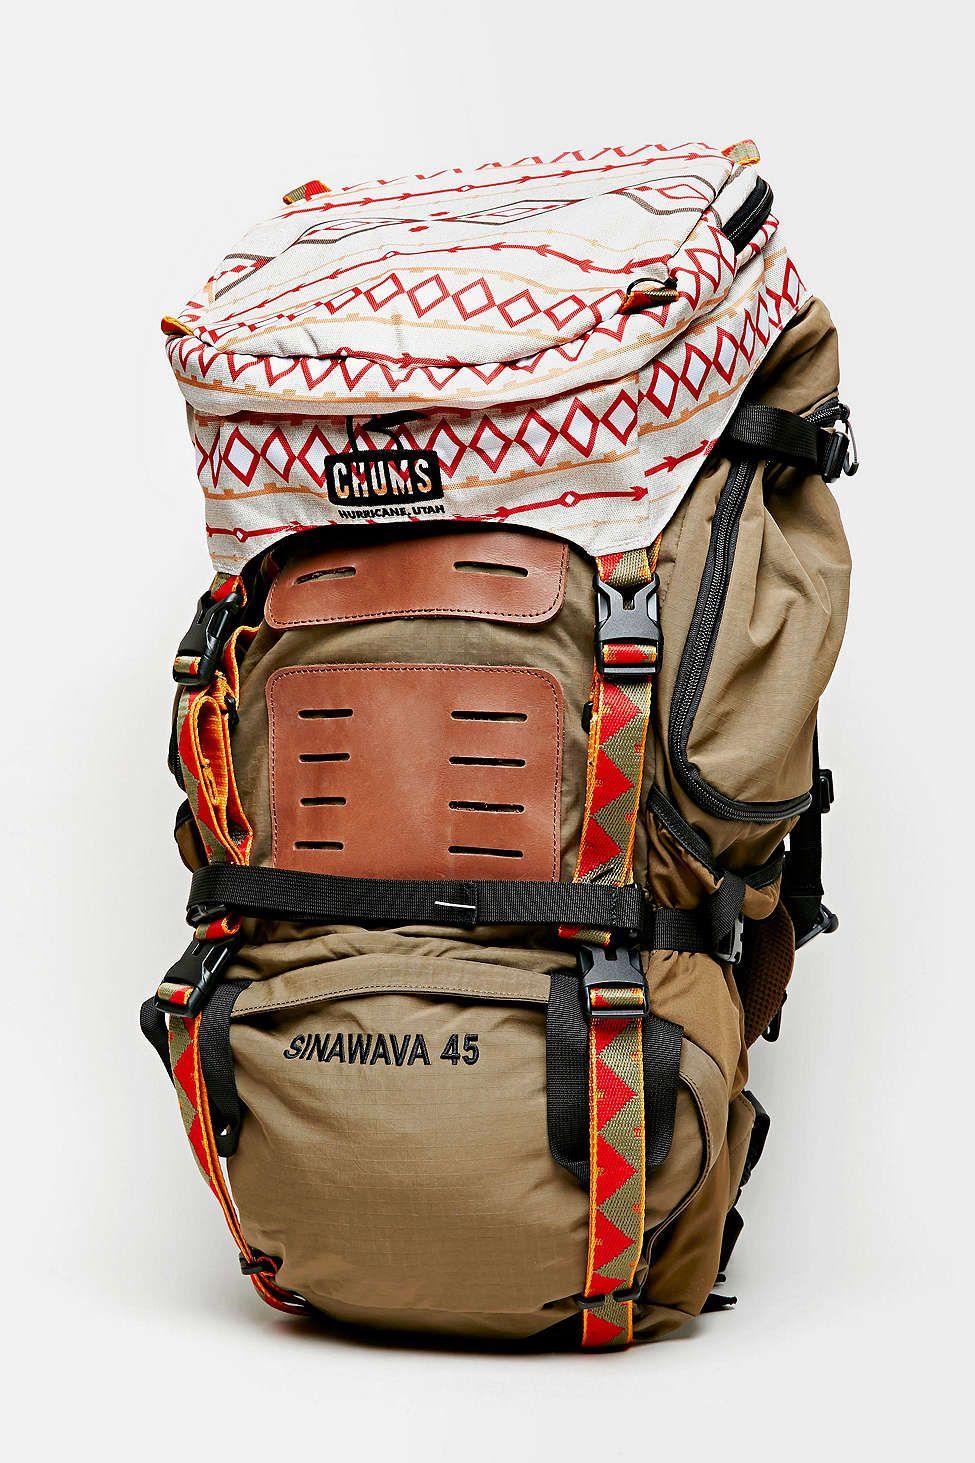 Chums Brown Sinawava 45 Backpack Backpacks Cute Backpacks Hiking Gear